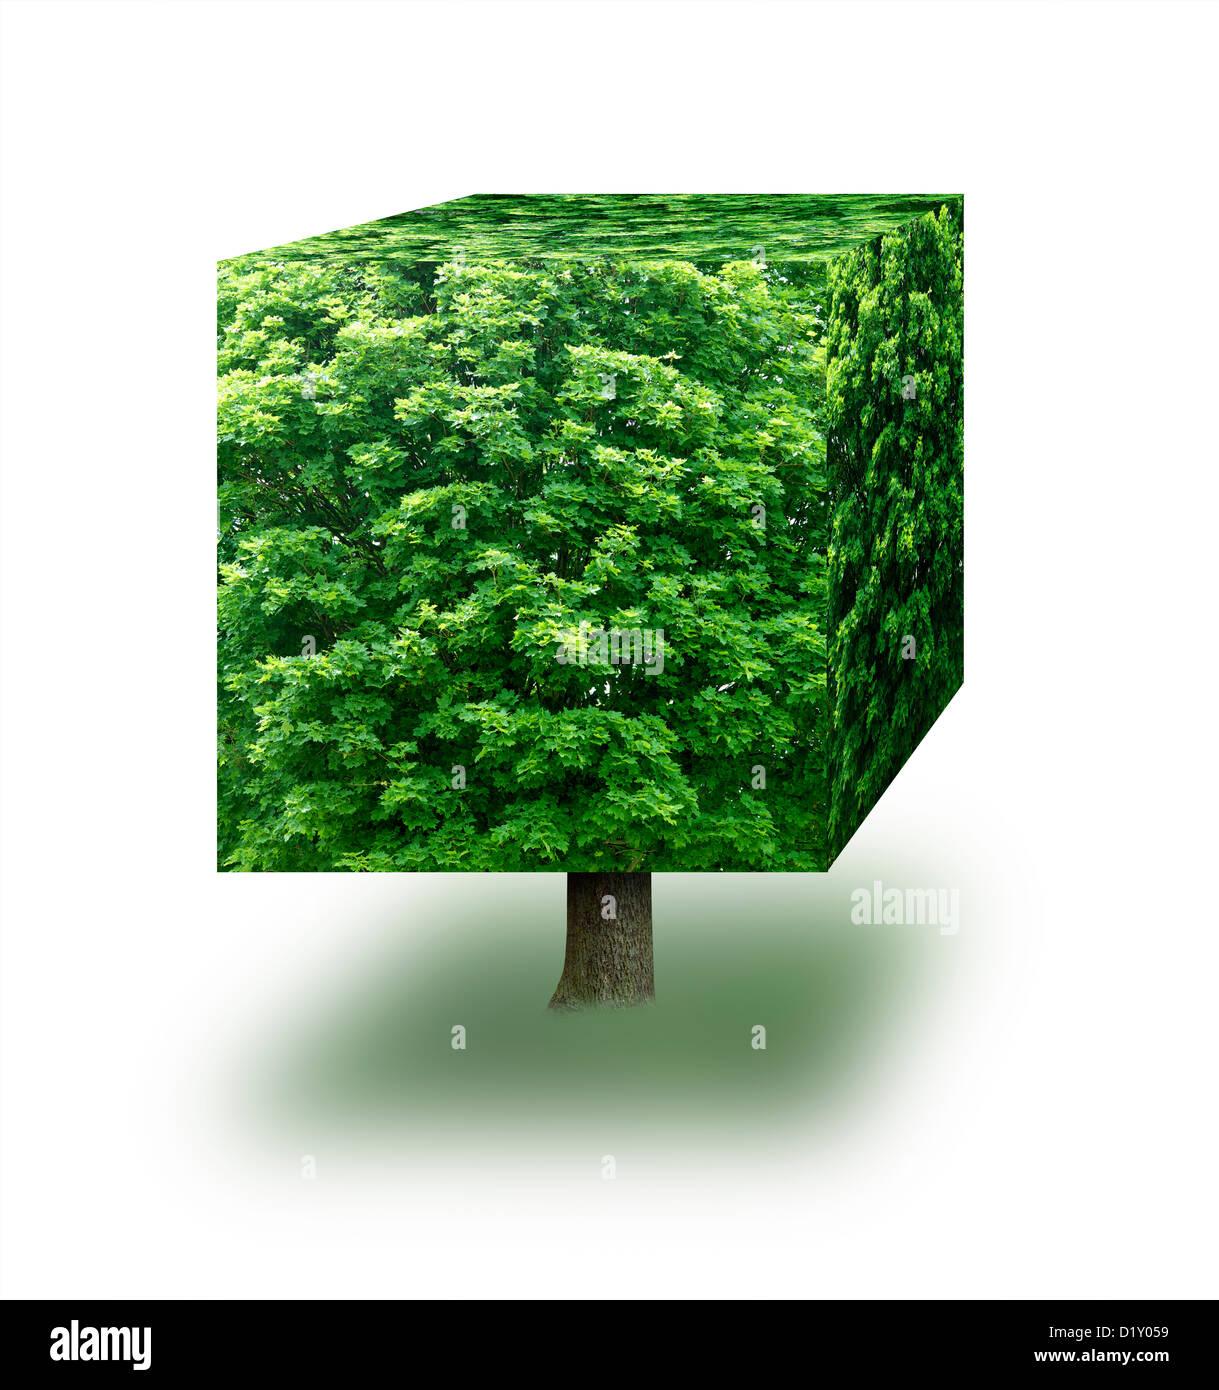 Fait à partir d'un cube tree against a white background Photo Stock